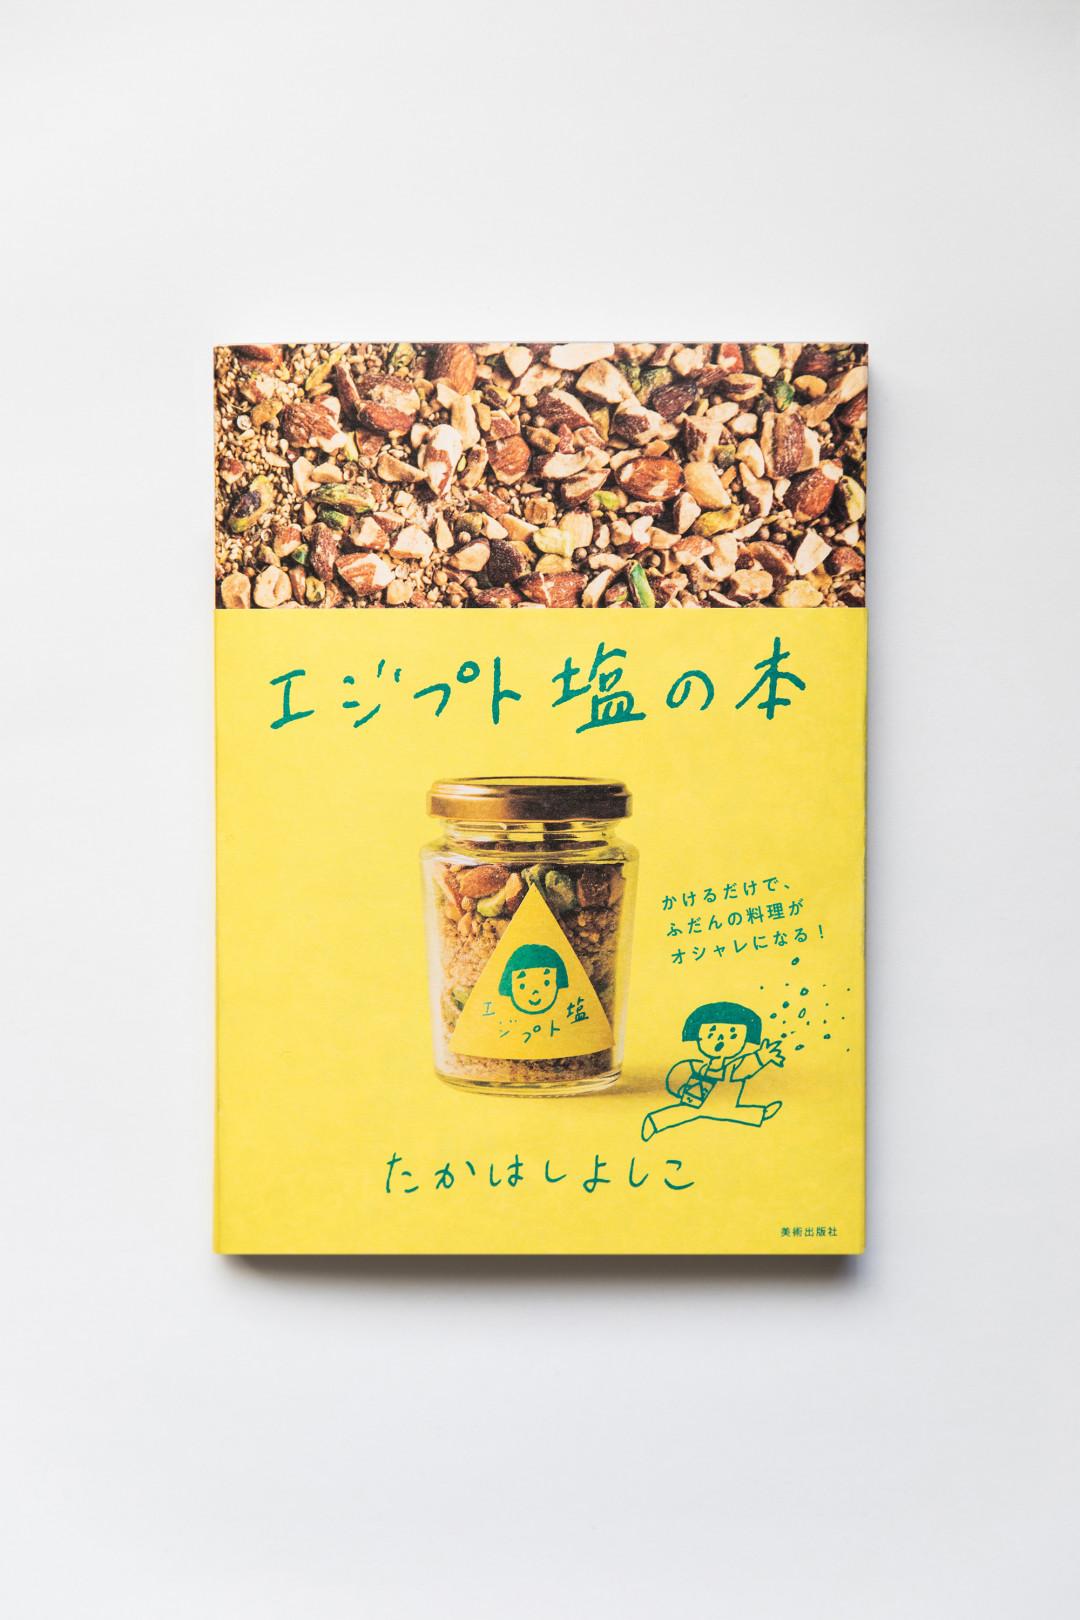 『エジプト塩の本』たかはしよしこ著